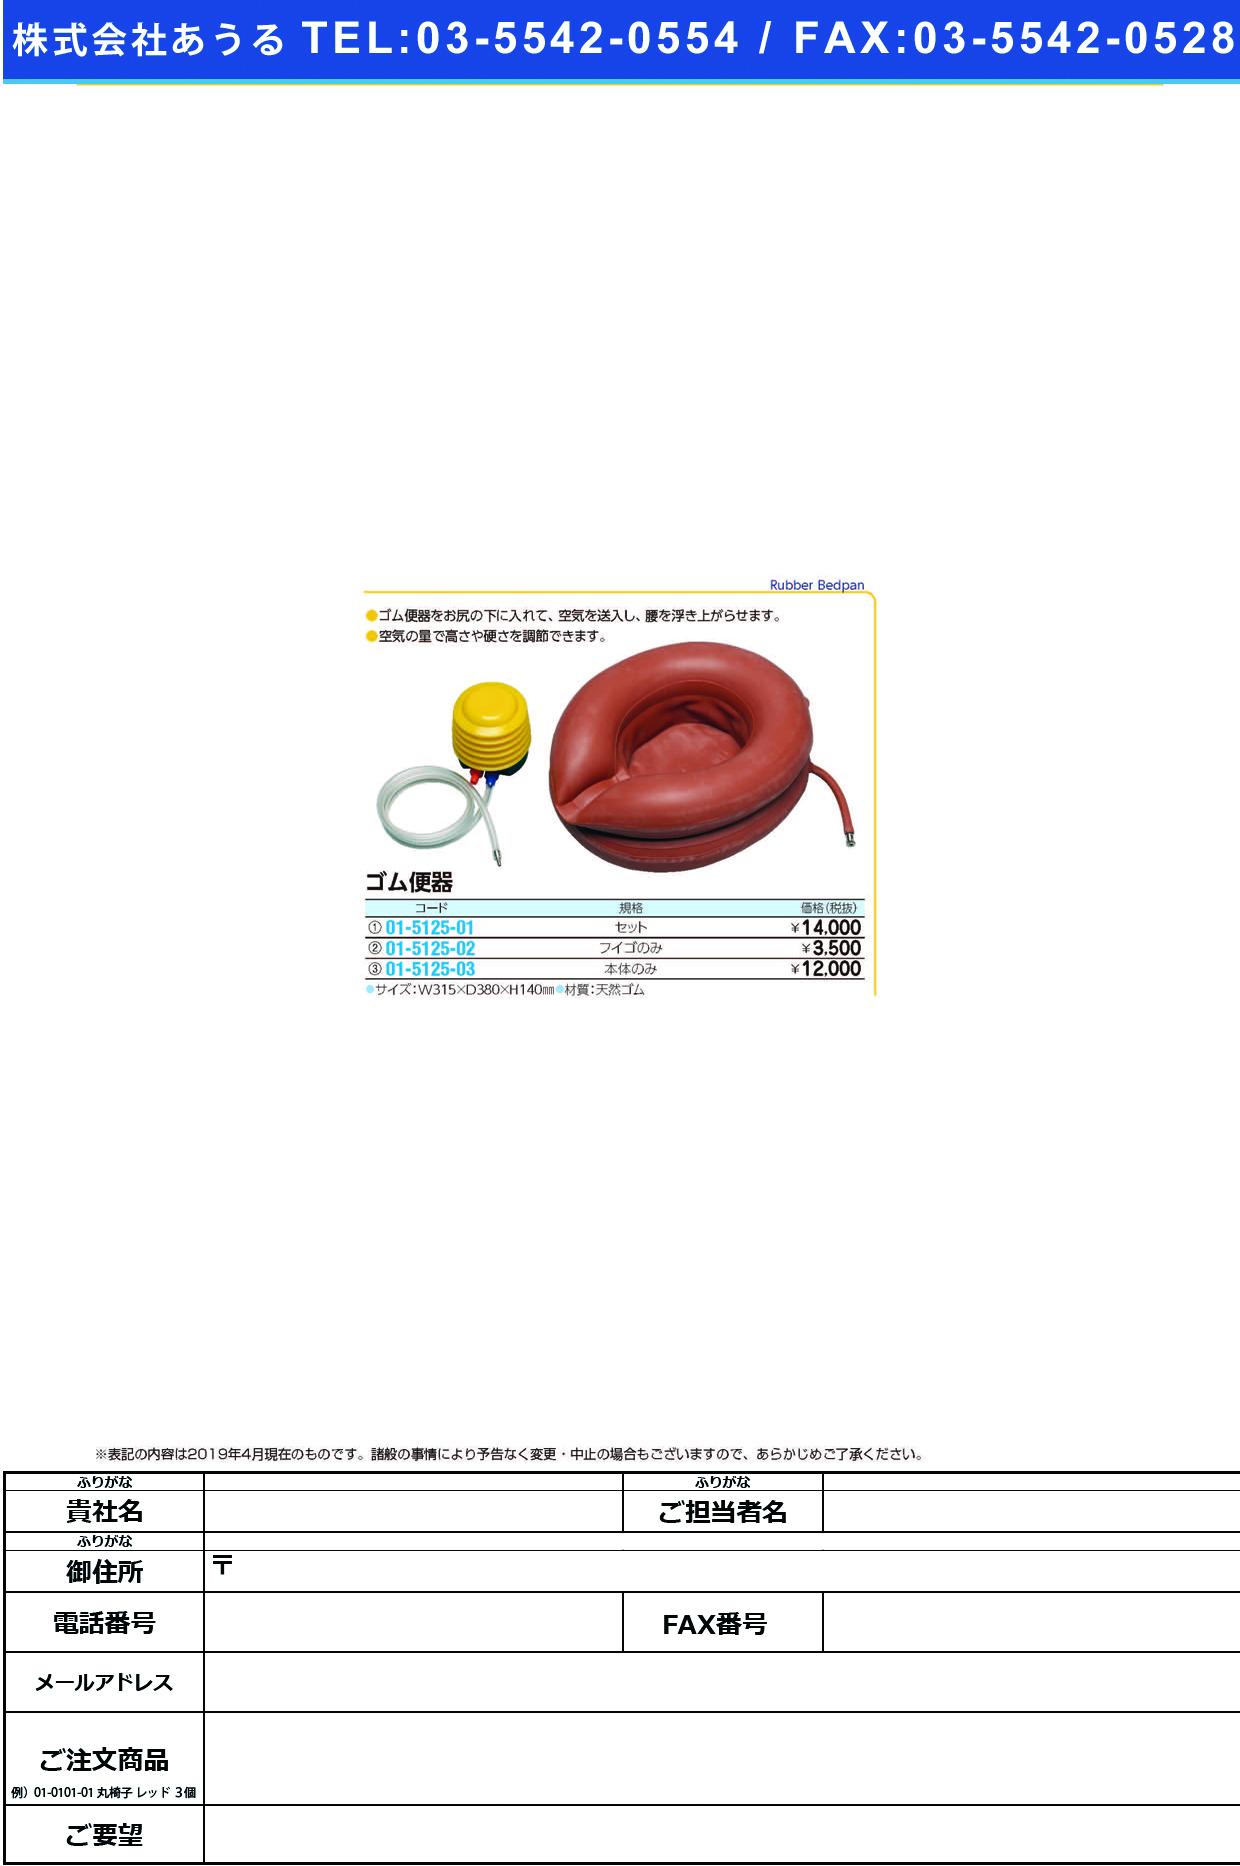 (01-5125-01)ゴム便器(セット)  ゴムベンキ(セット)【1組単位】【2019年カタログ商品】